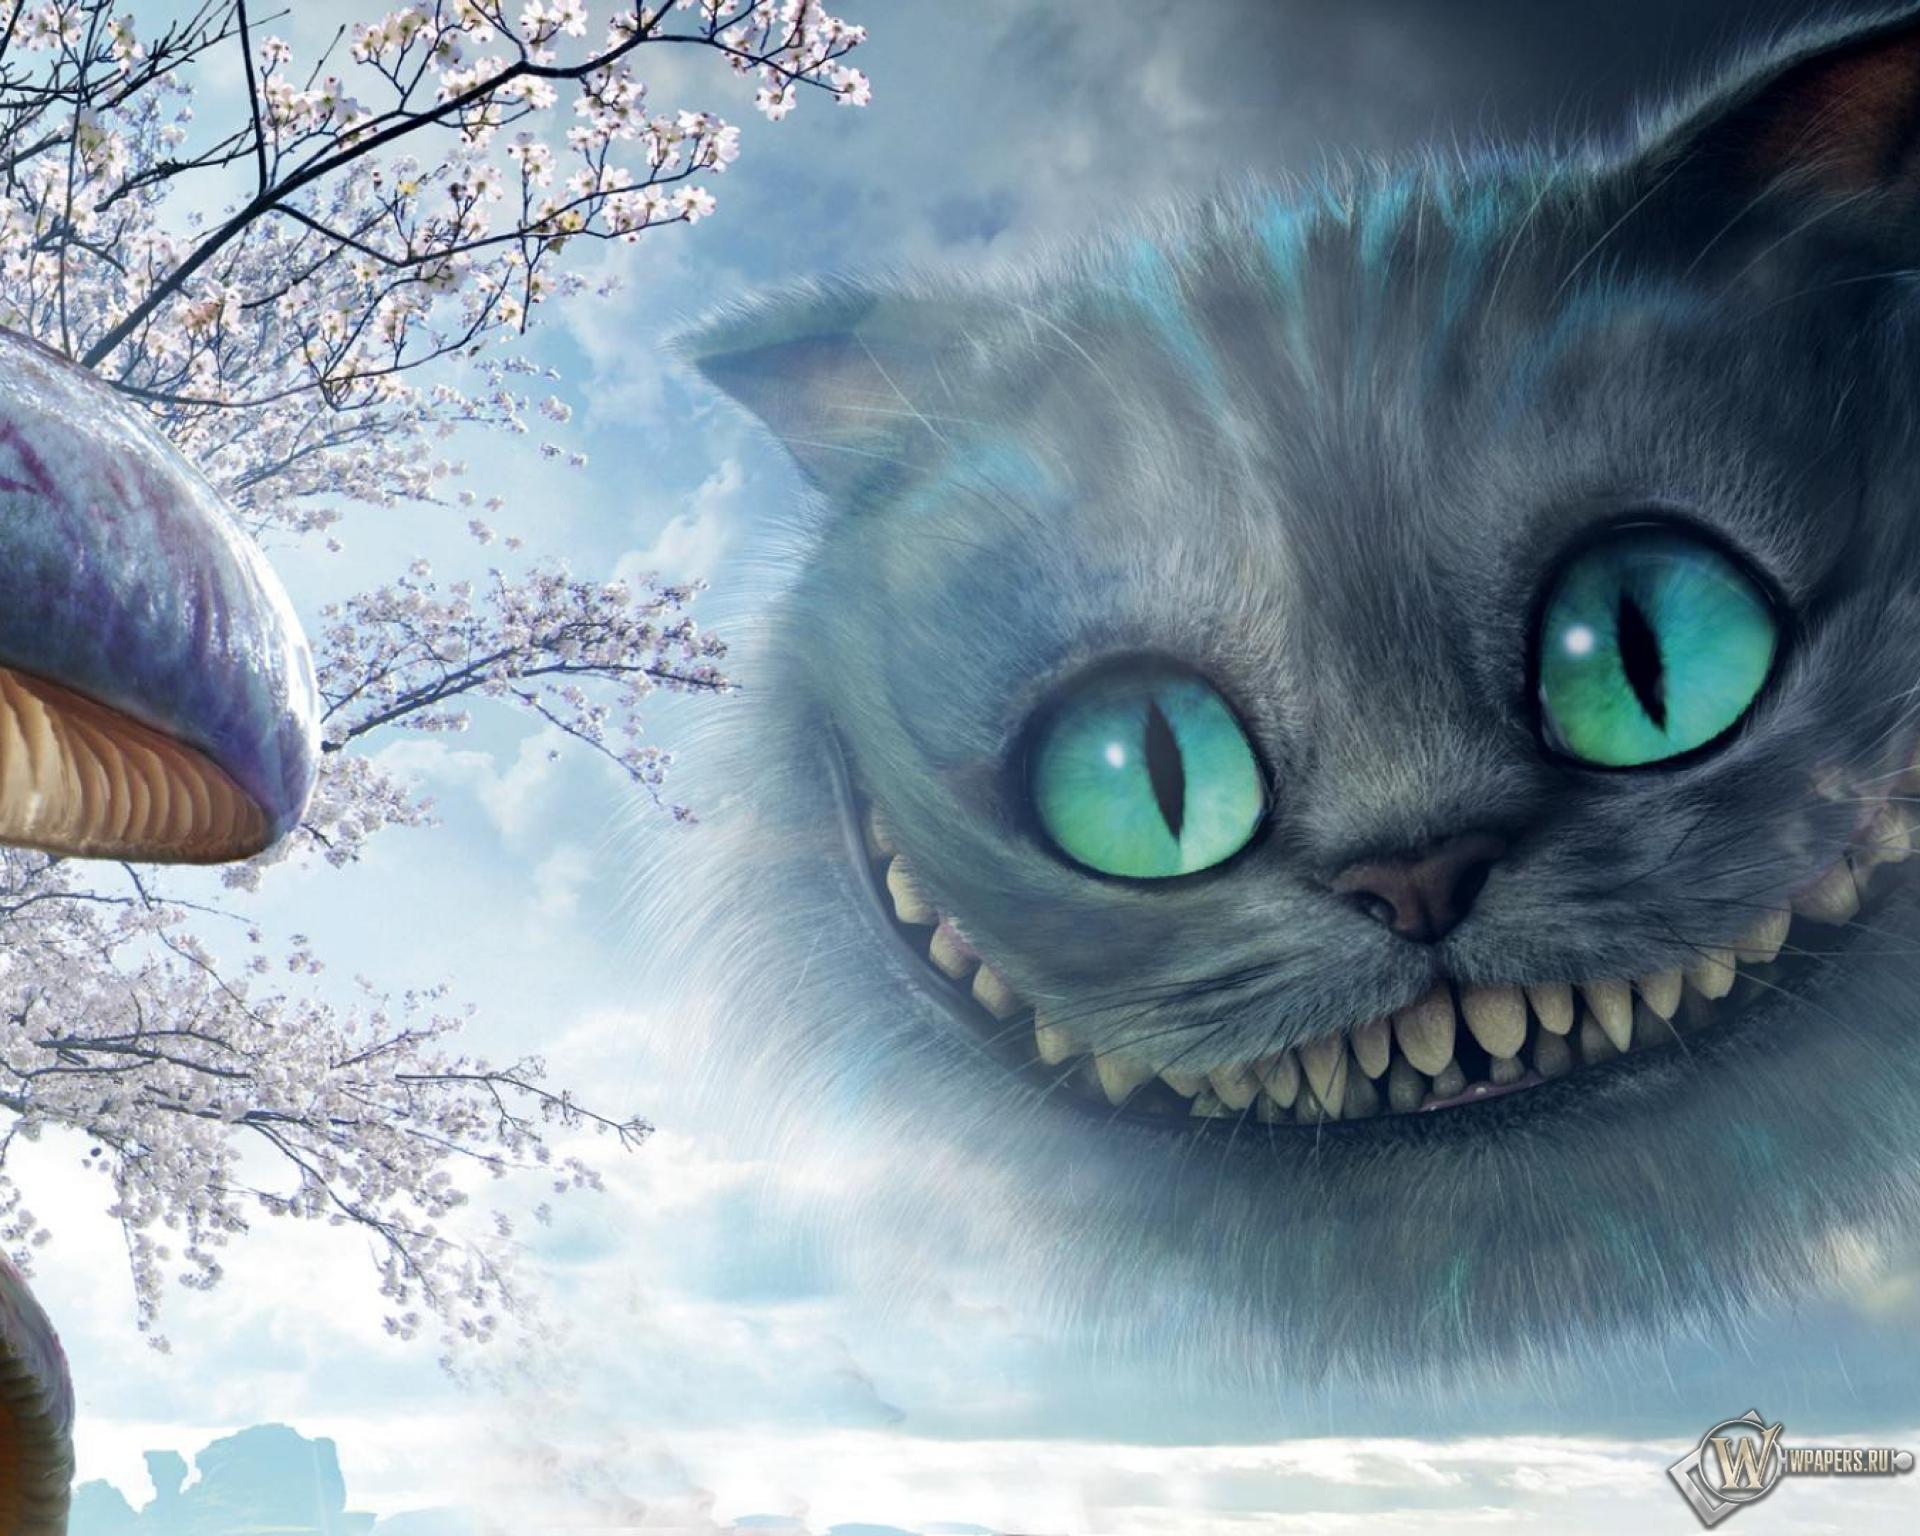 Картинки с чеширским котом из фильма алиса, поздравление вербной воскресеньем